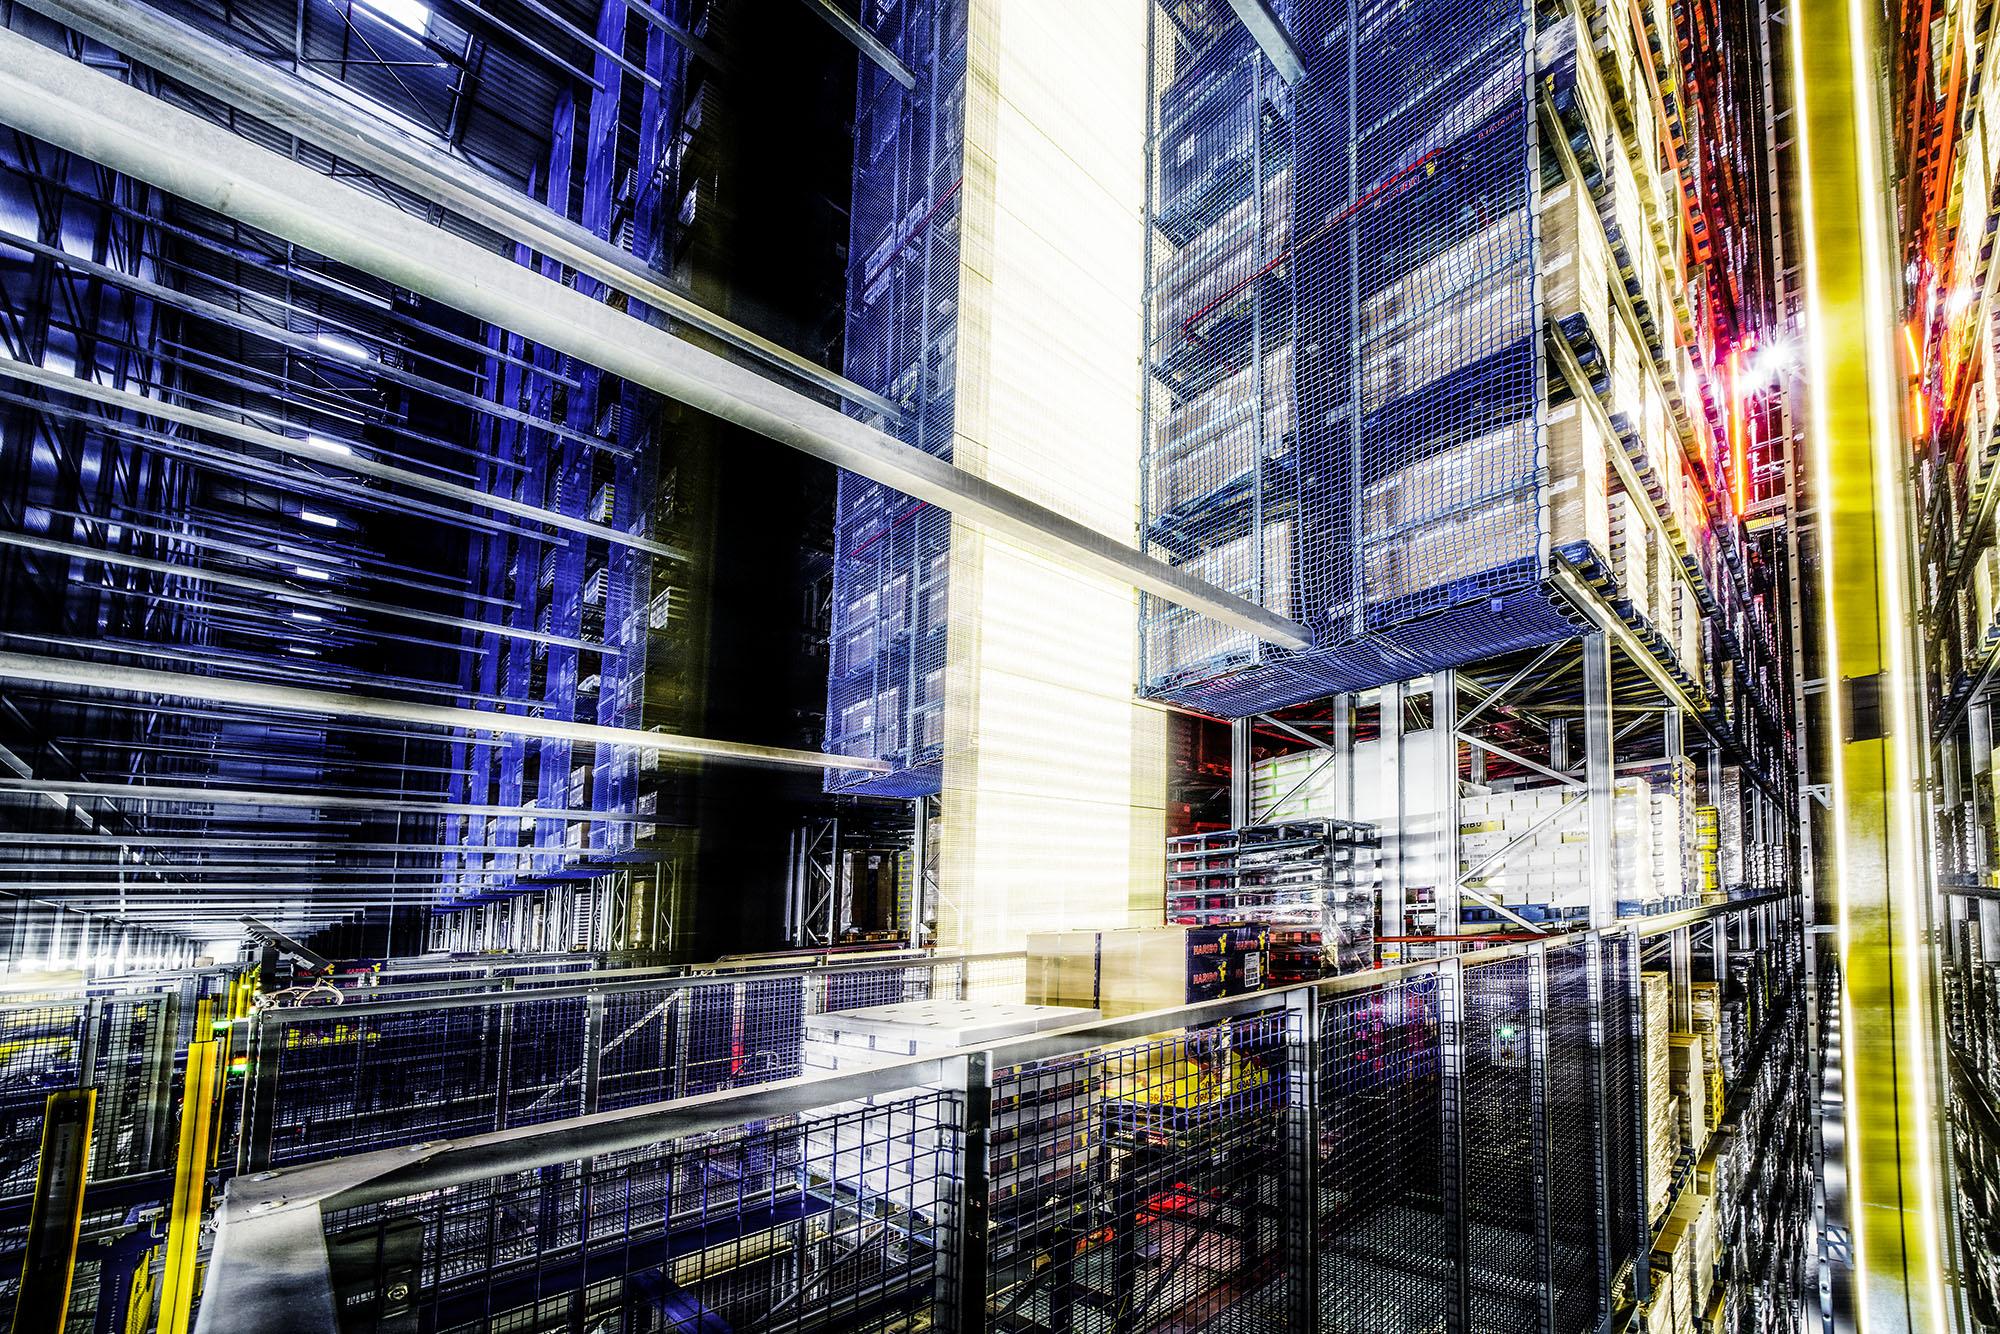 Industriefotografie_wolfram schroll_ssi_1